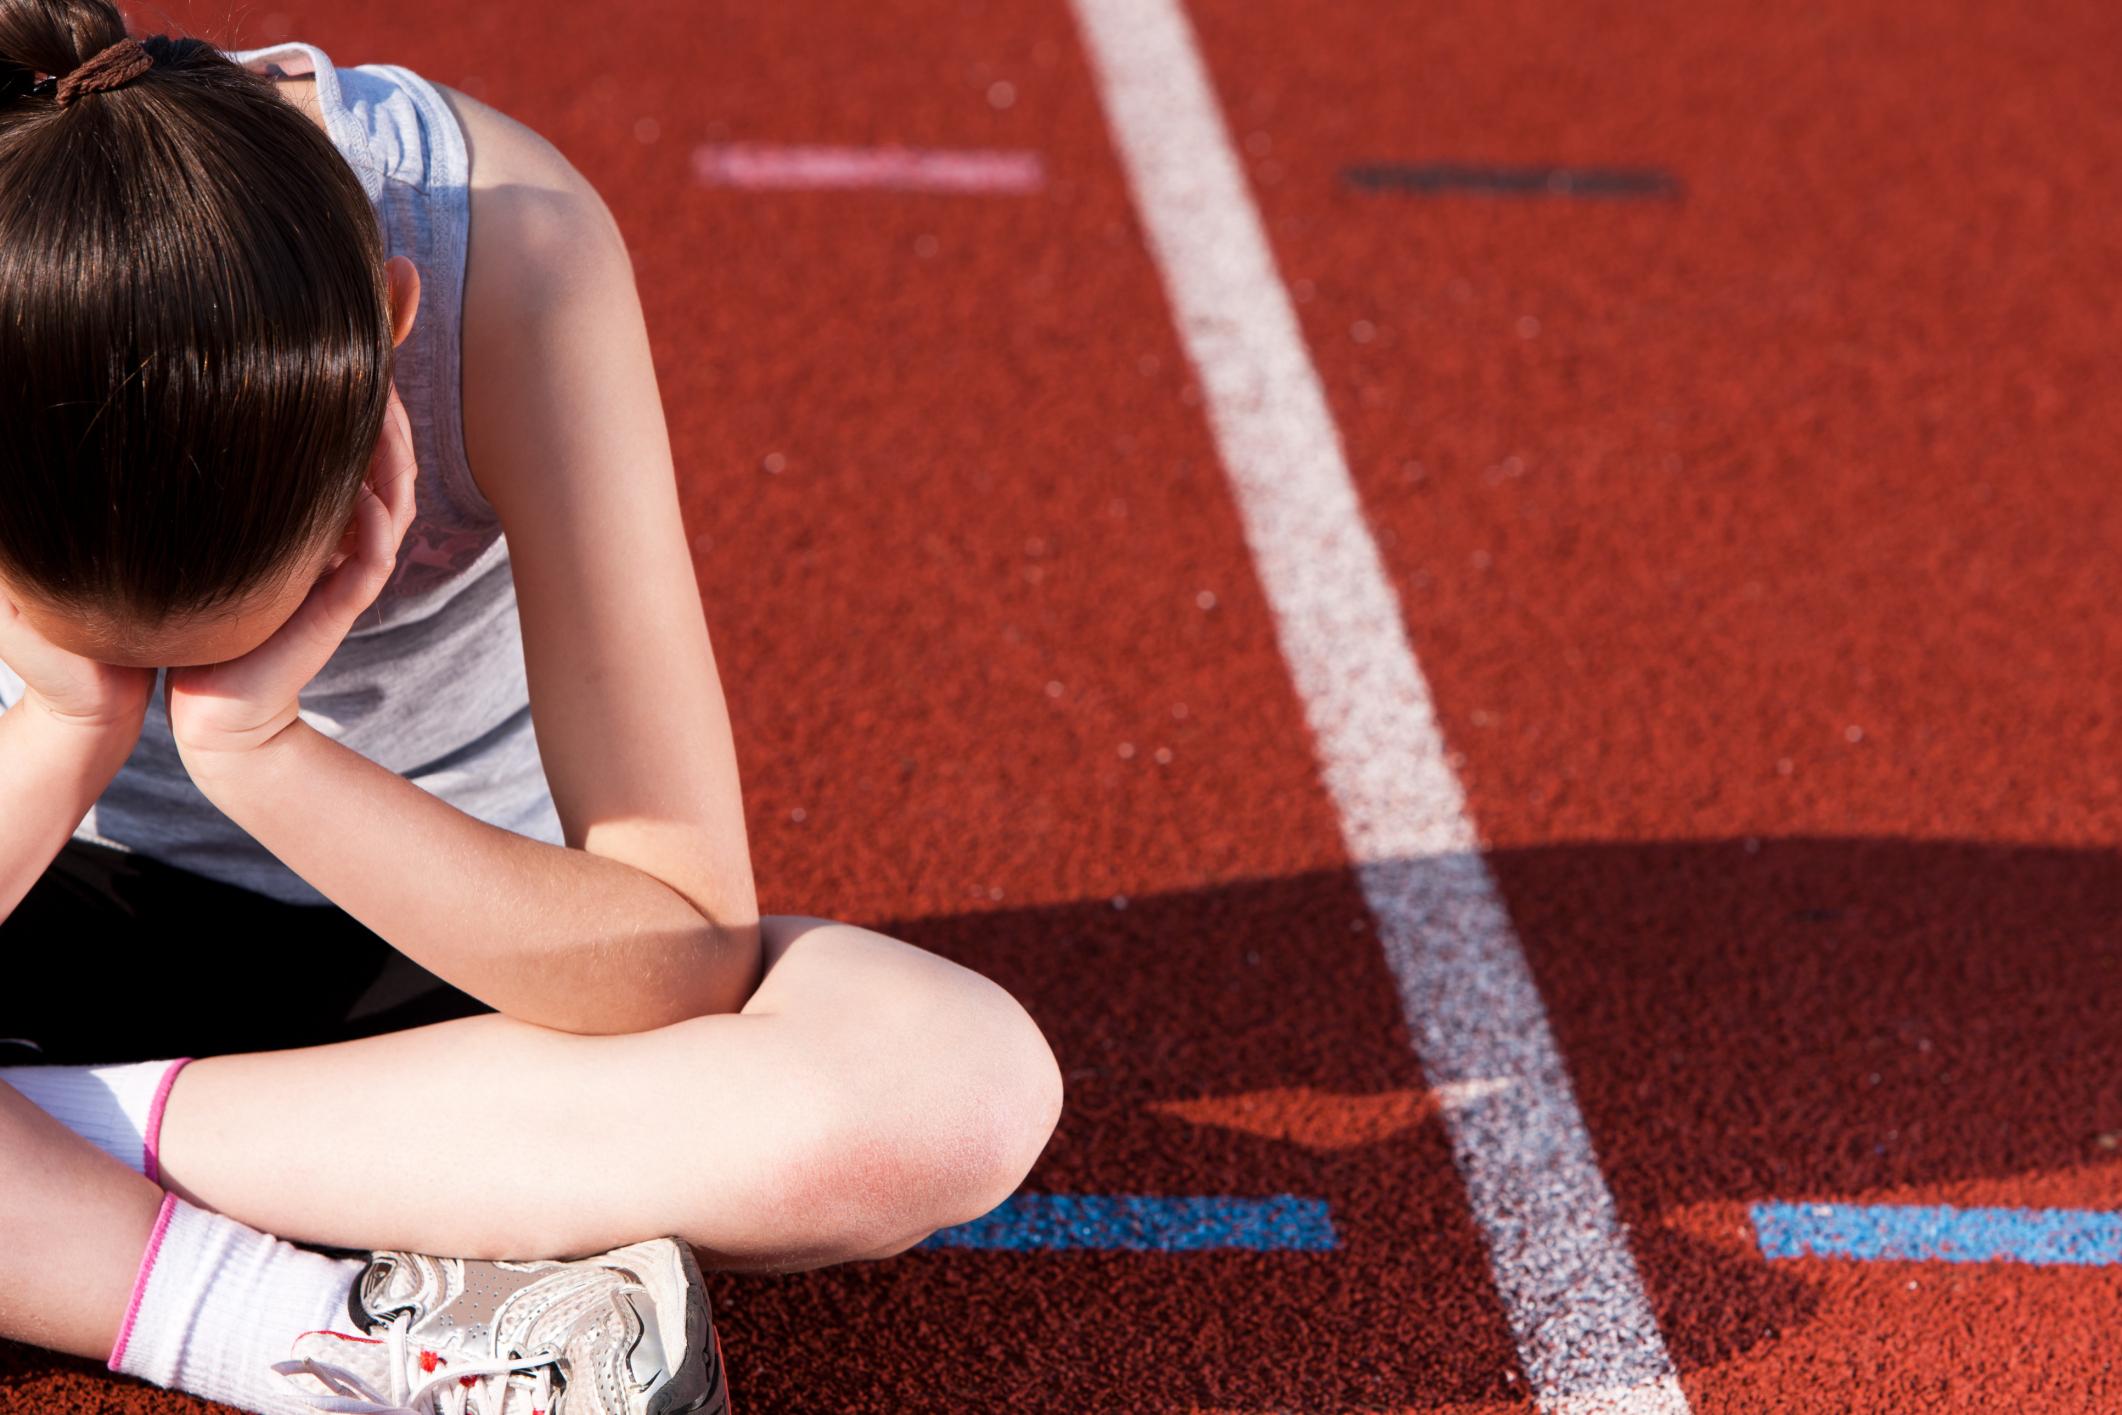 discouraged-athlete.jpg